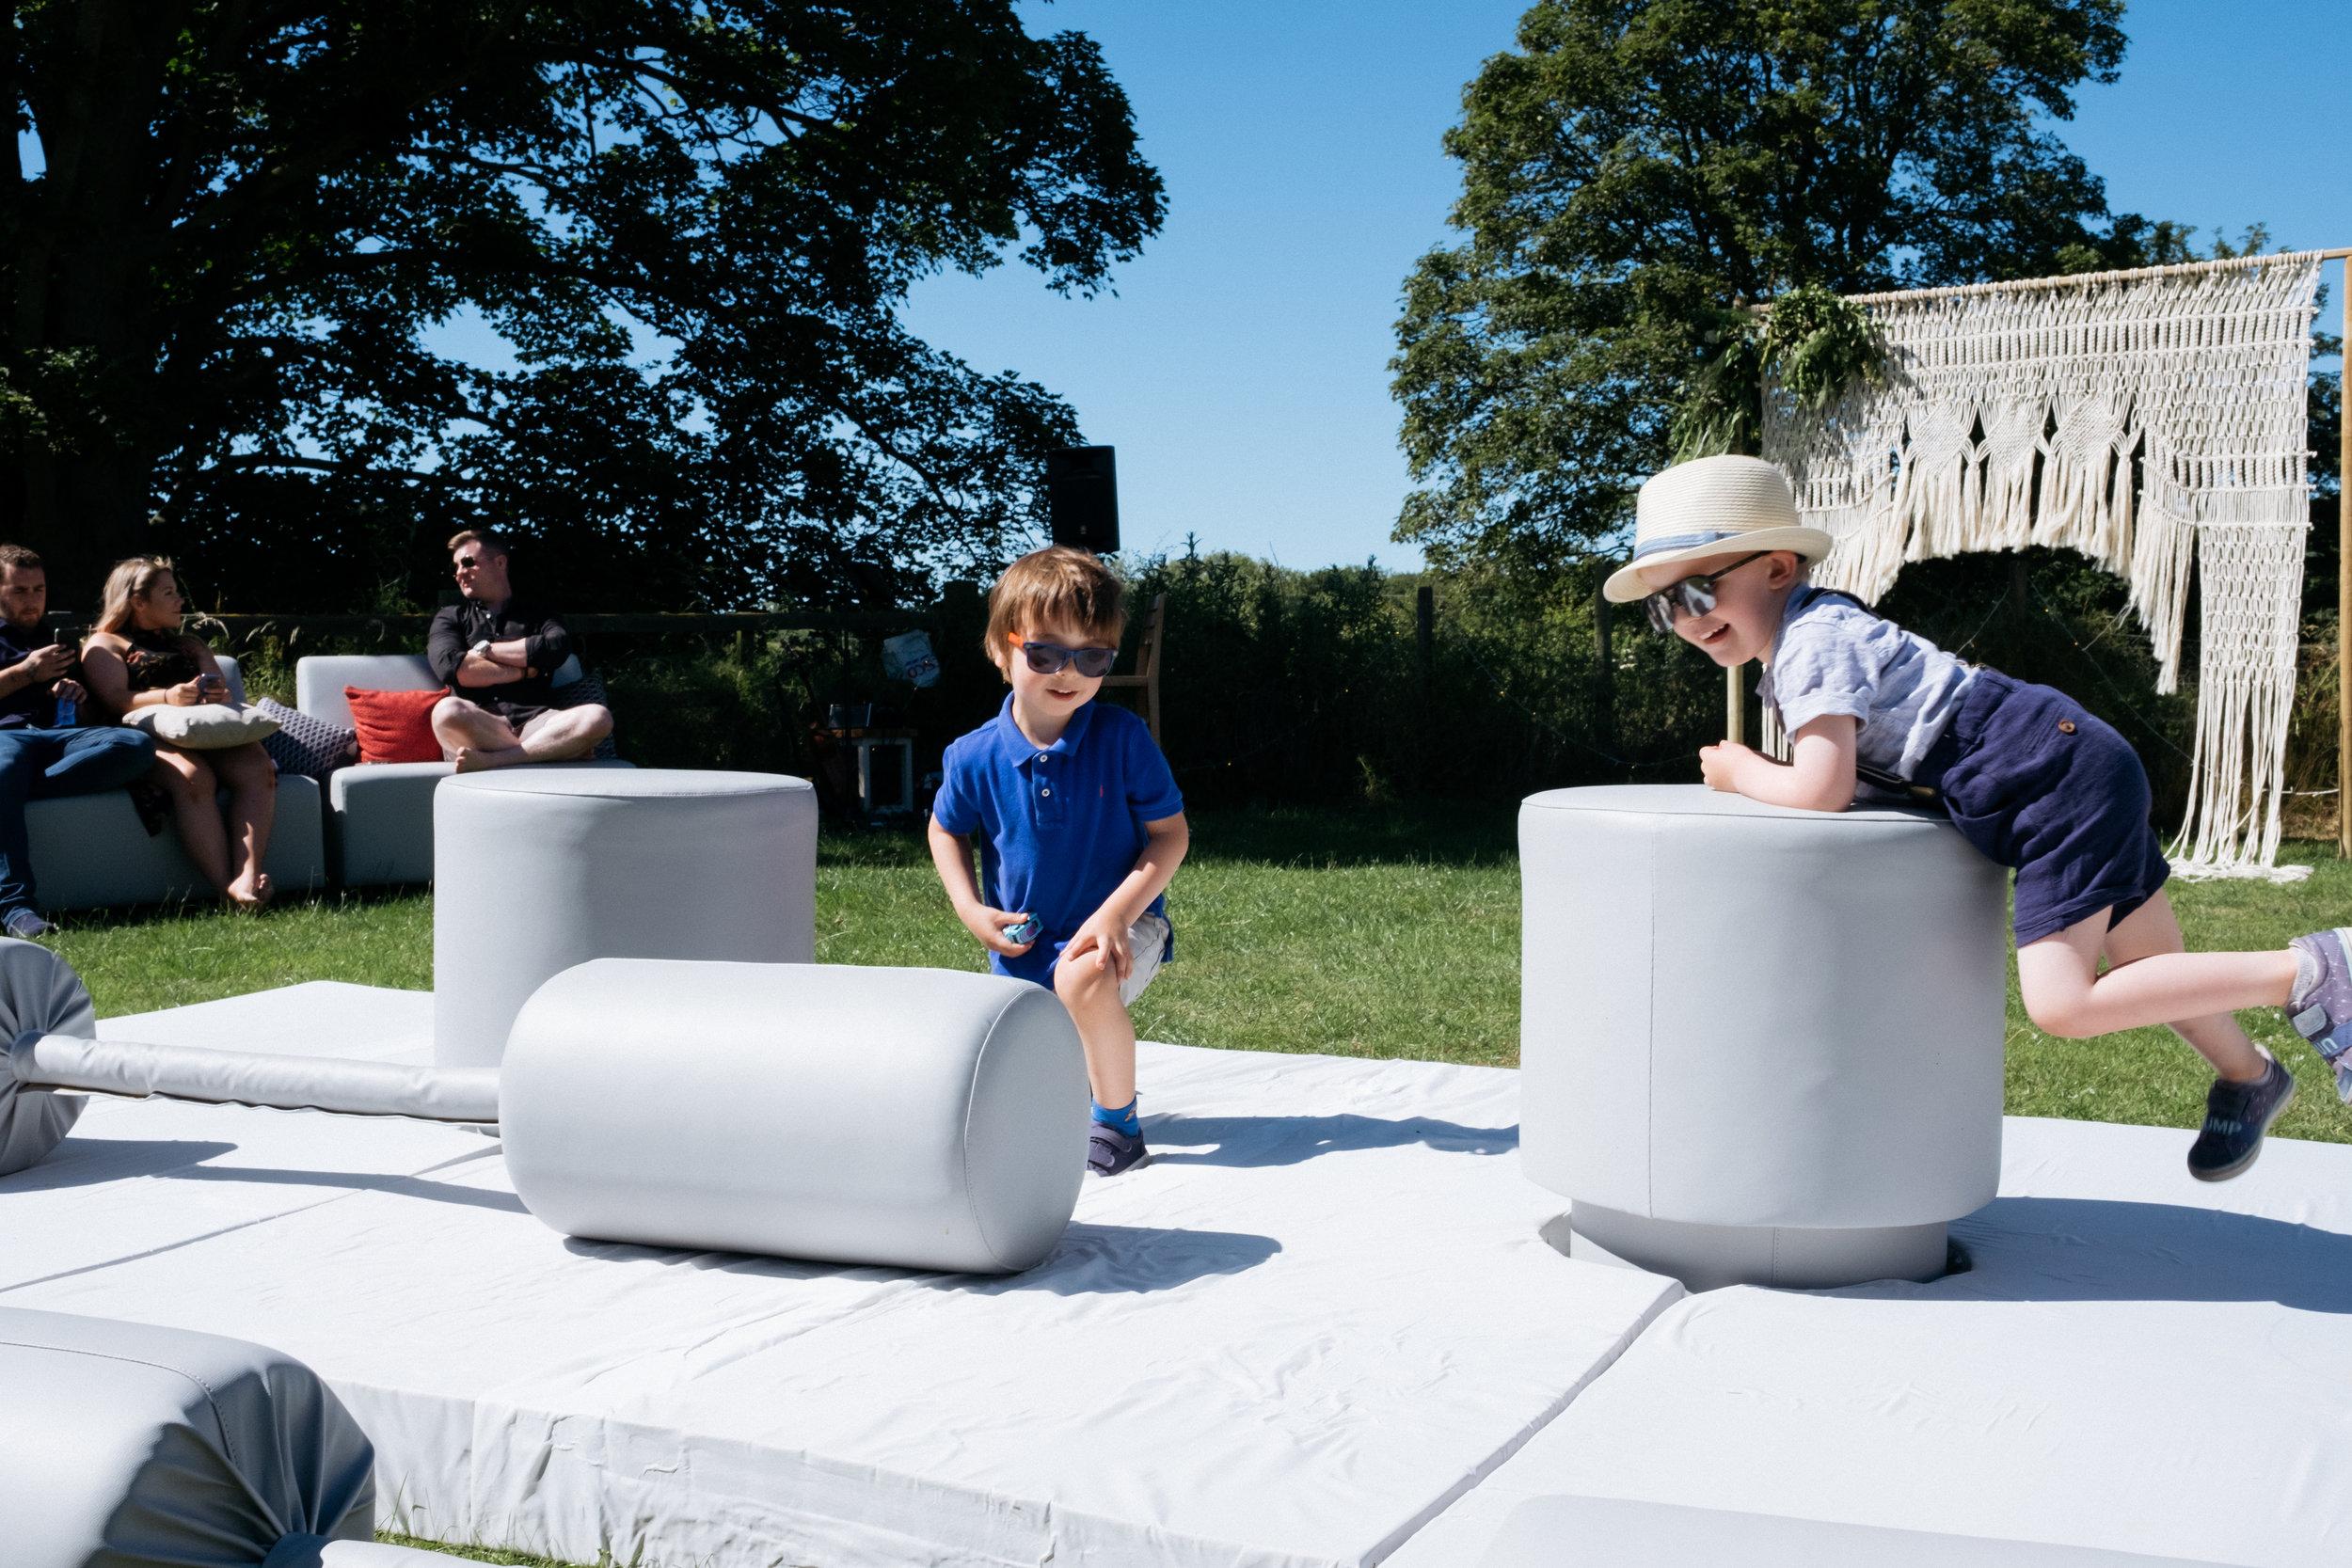 Children playing around at outdoor wedding